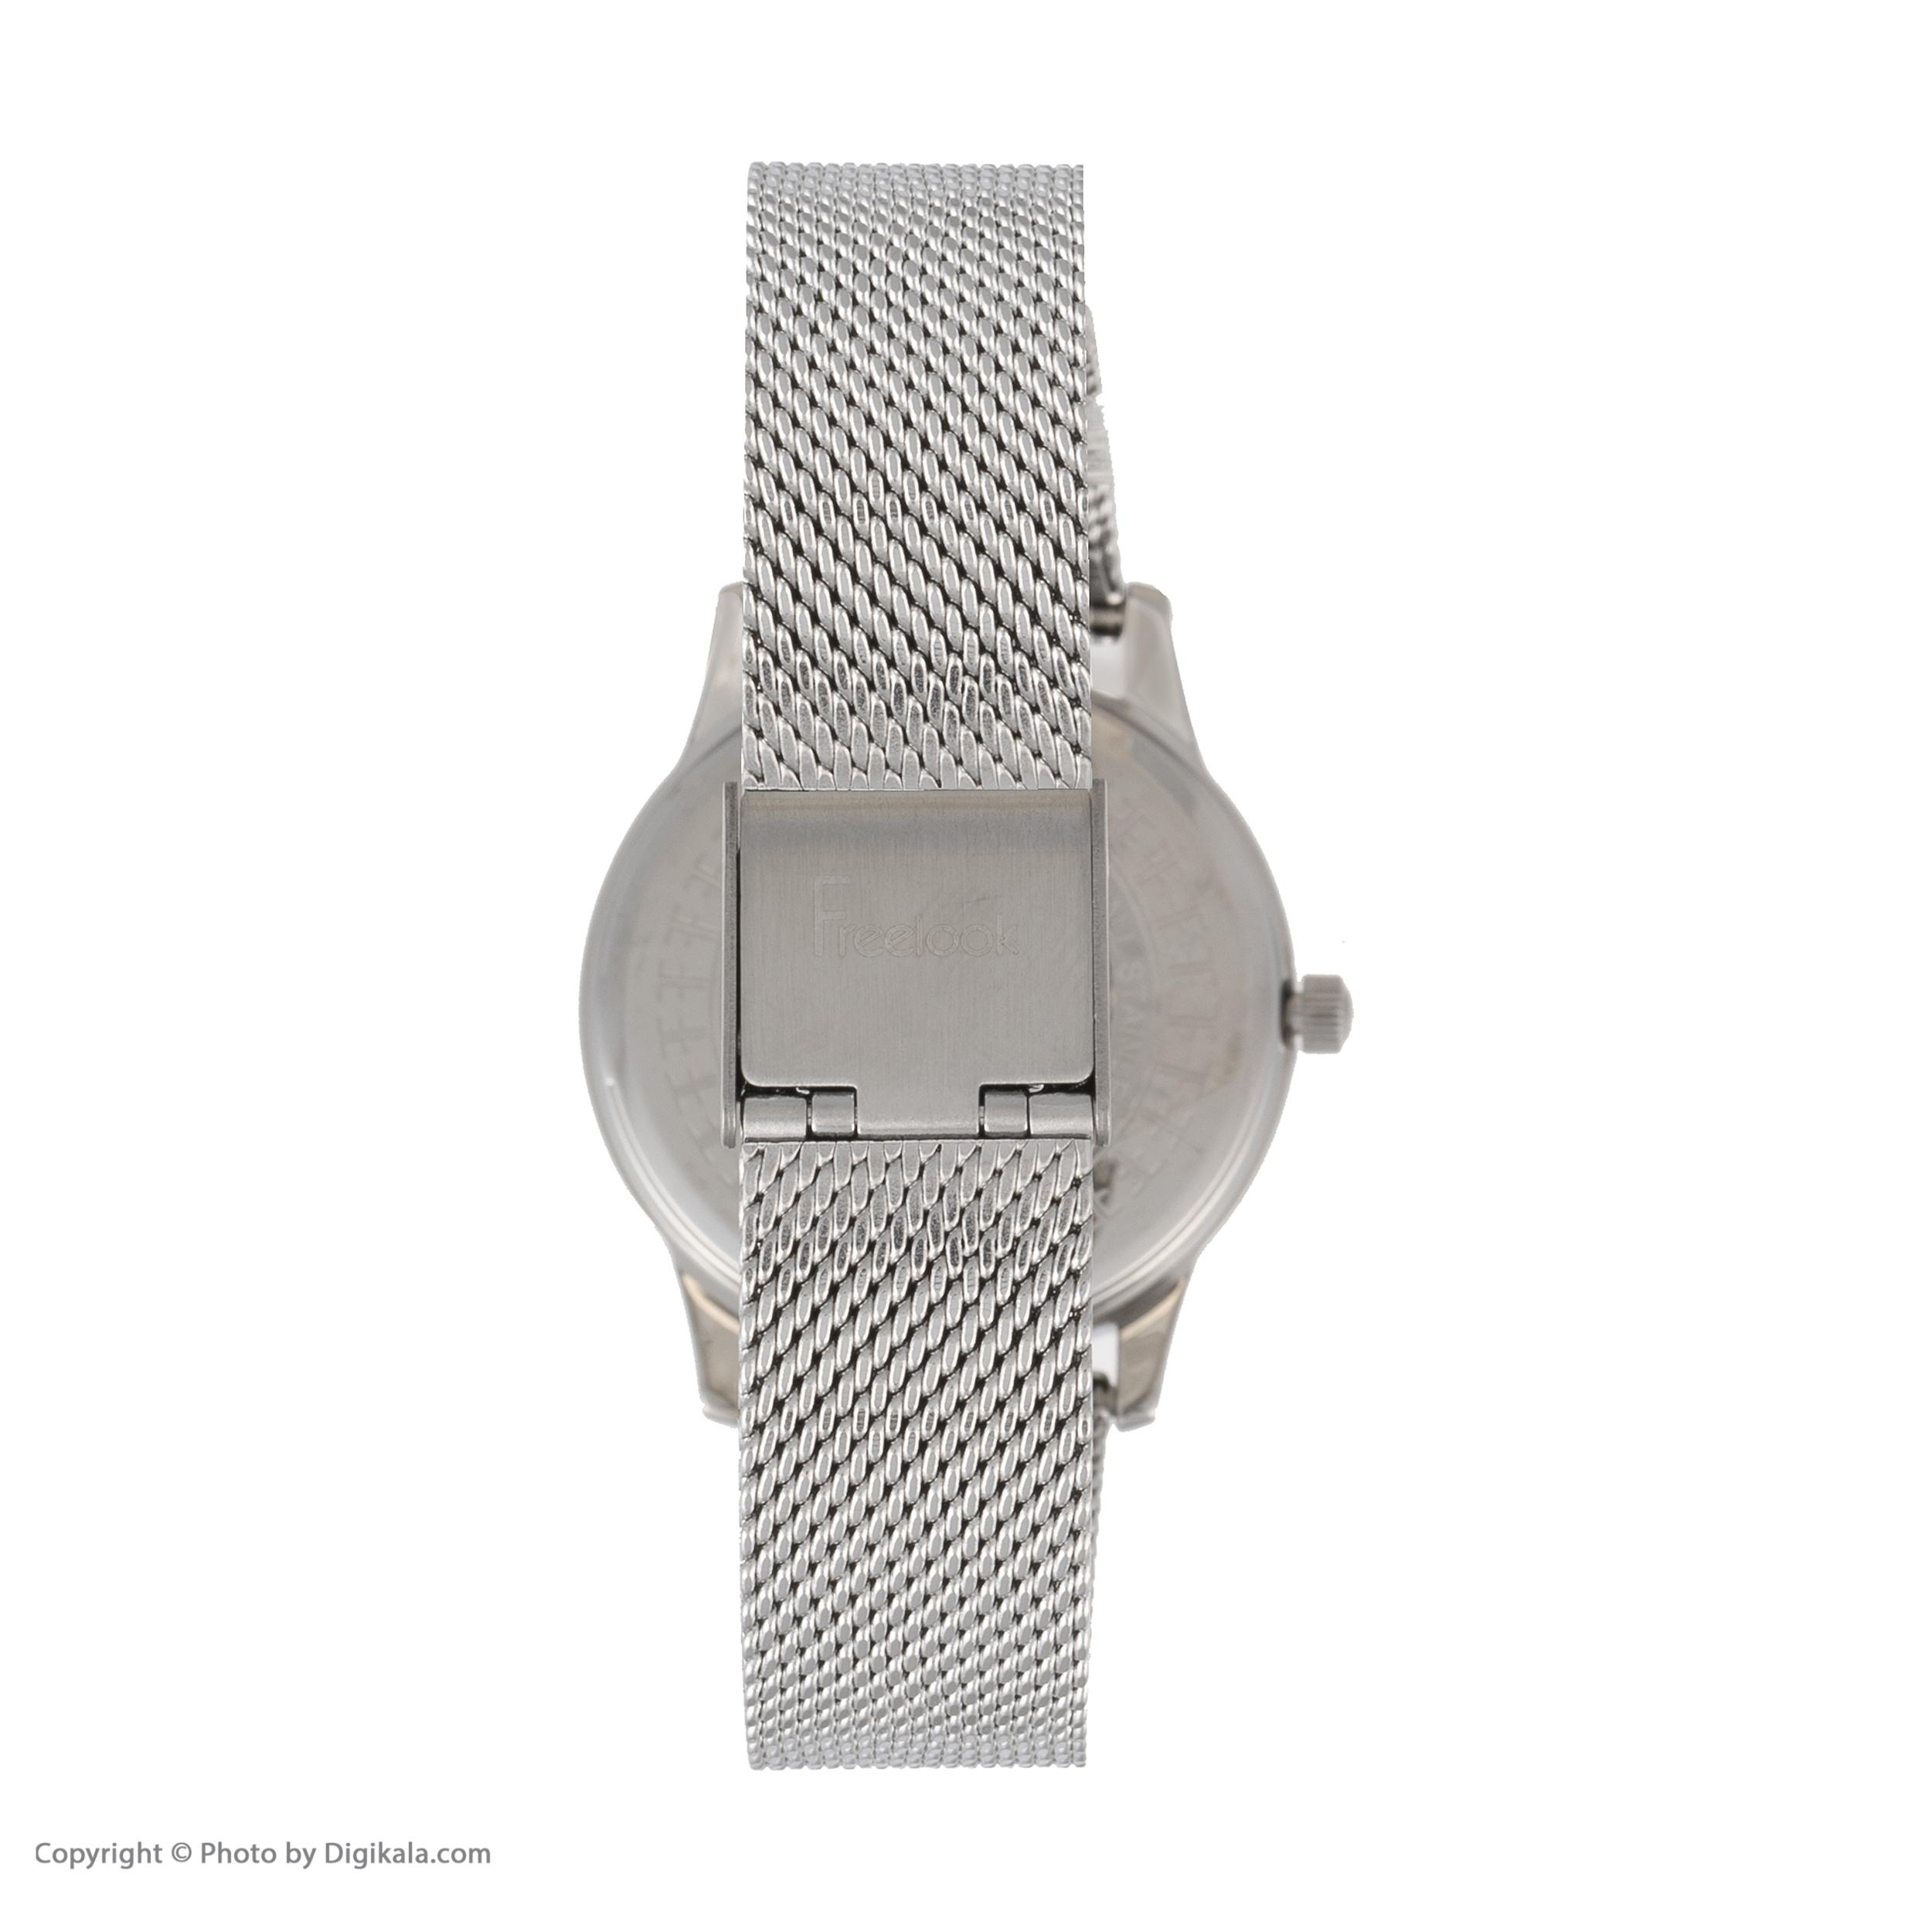 ساعت مچی عقربه ای زنانه فری لوک مدل F.8.1037.01 -  - 2